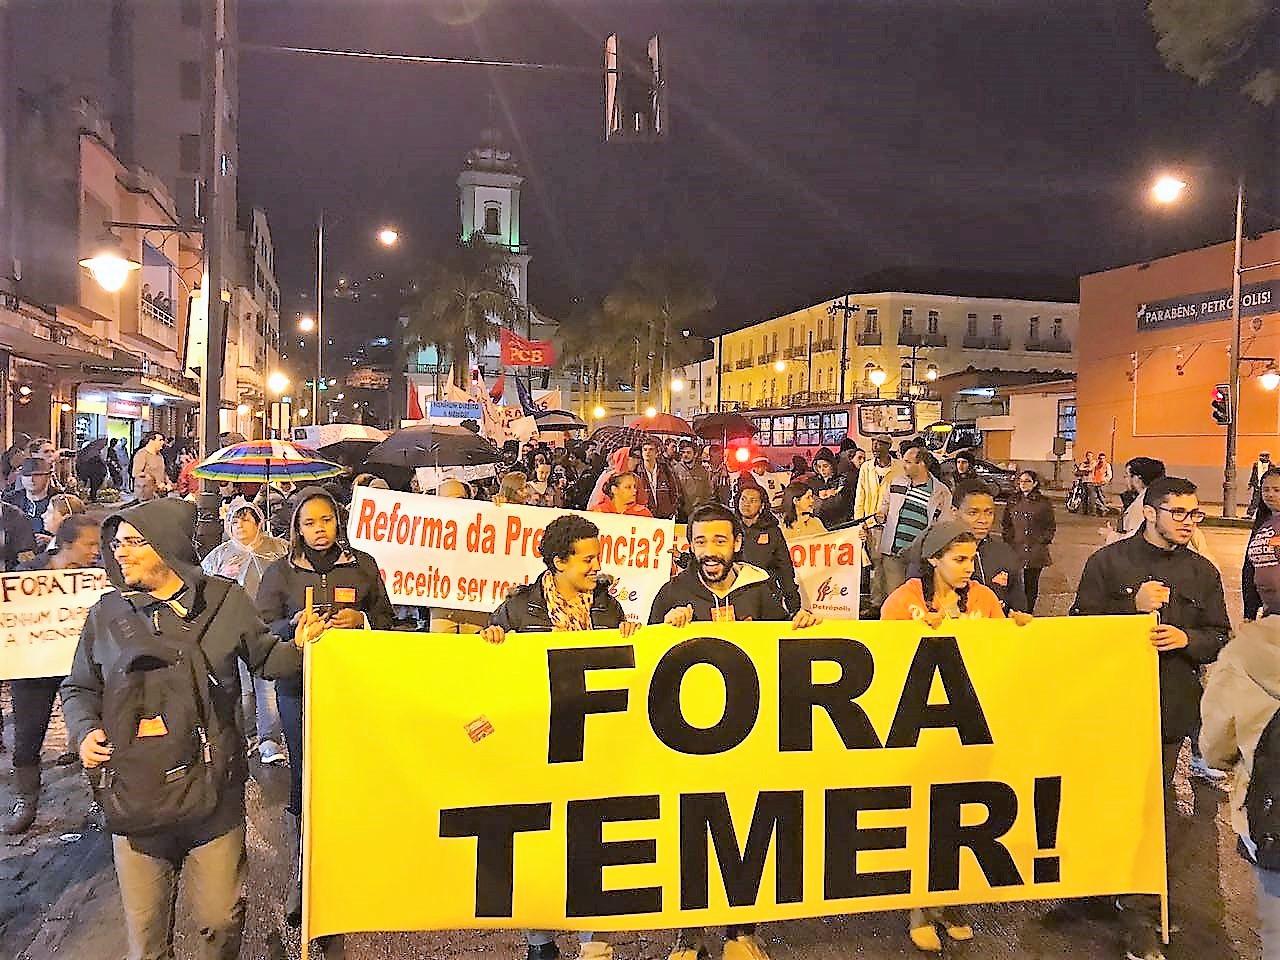 Feteerj exige a saída do corrupto Temer, eleição direta pra presidente e arquivamento das reformas